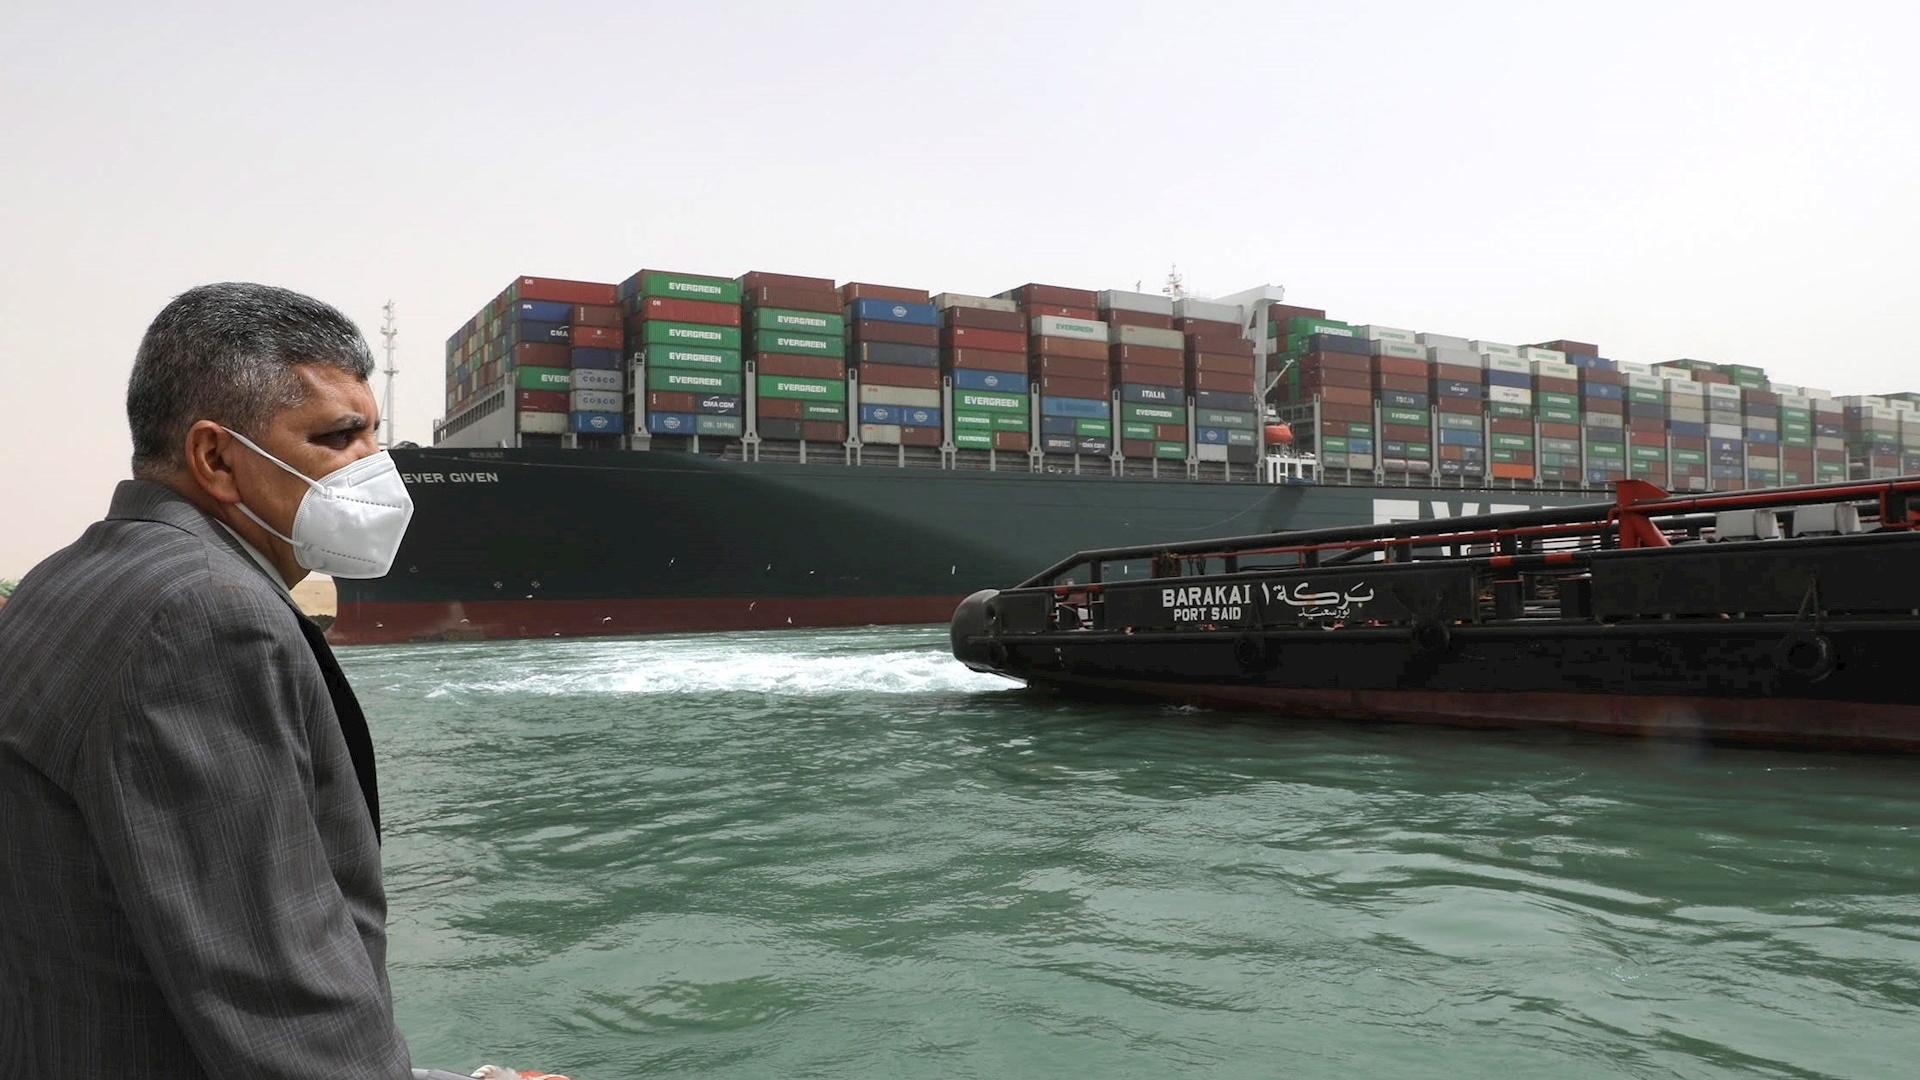 Evergreen Canal de Suez egipto barco encallado